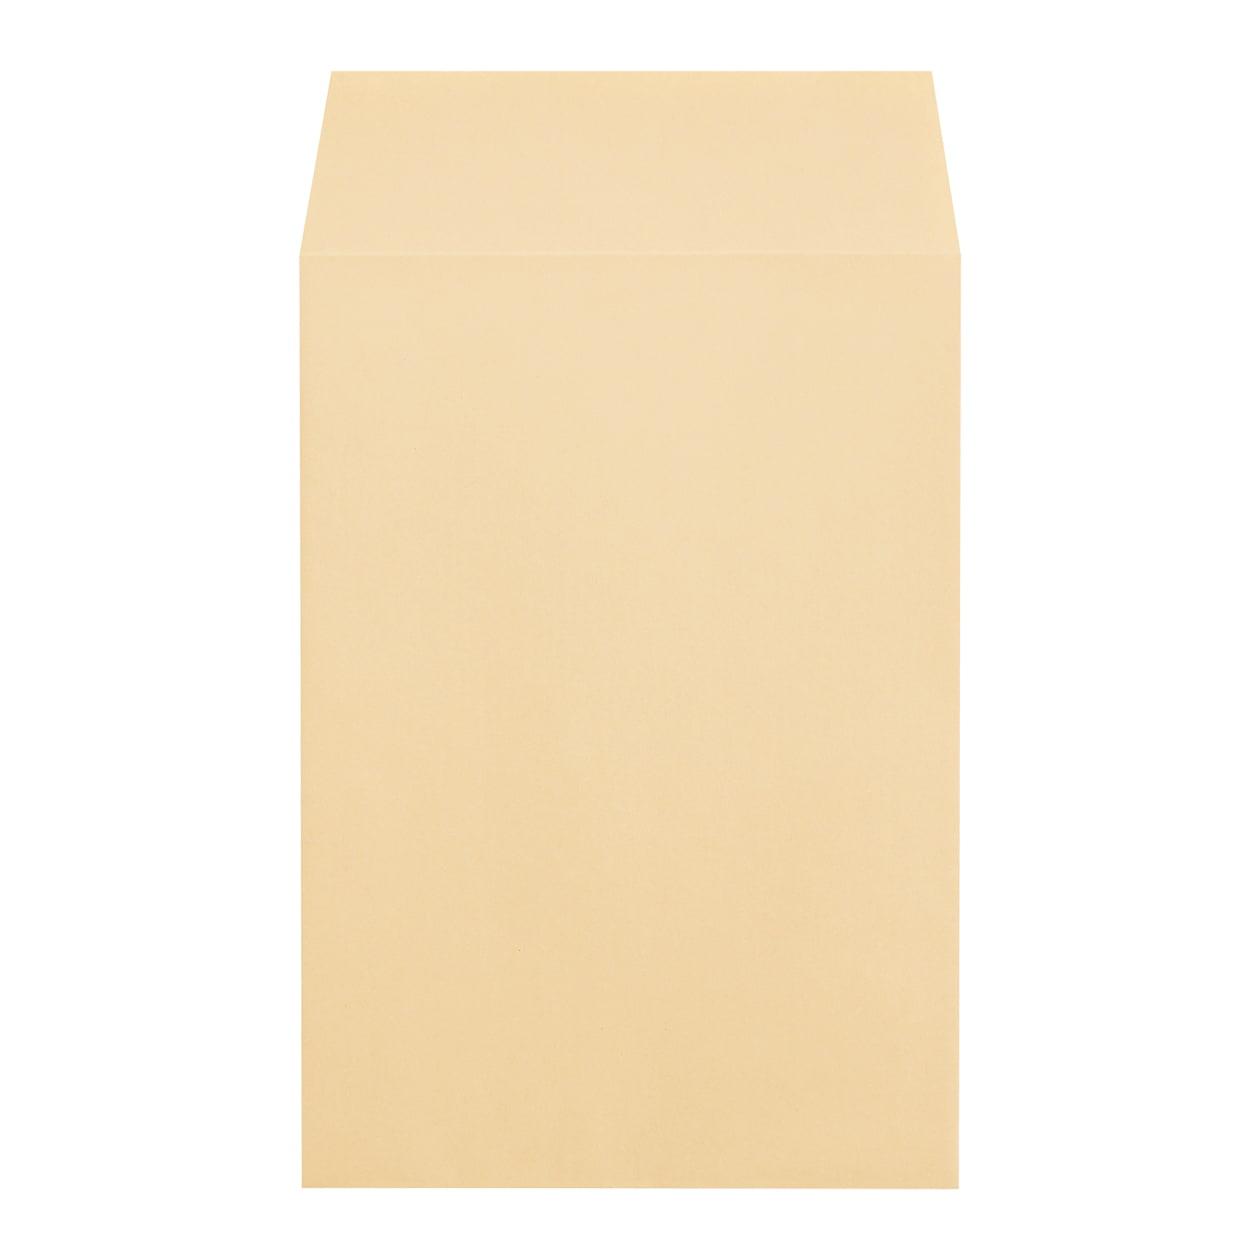 角6封筒 クラフト 85g